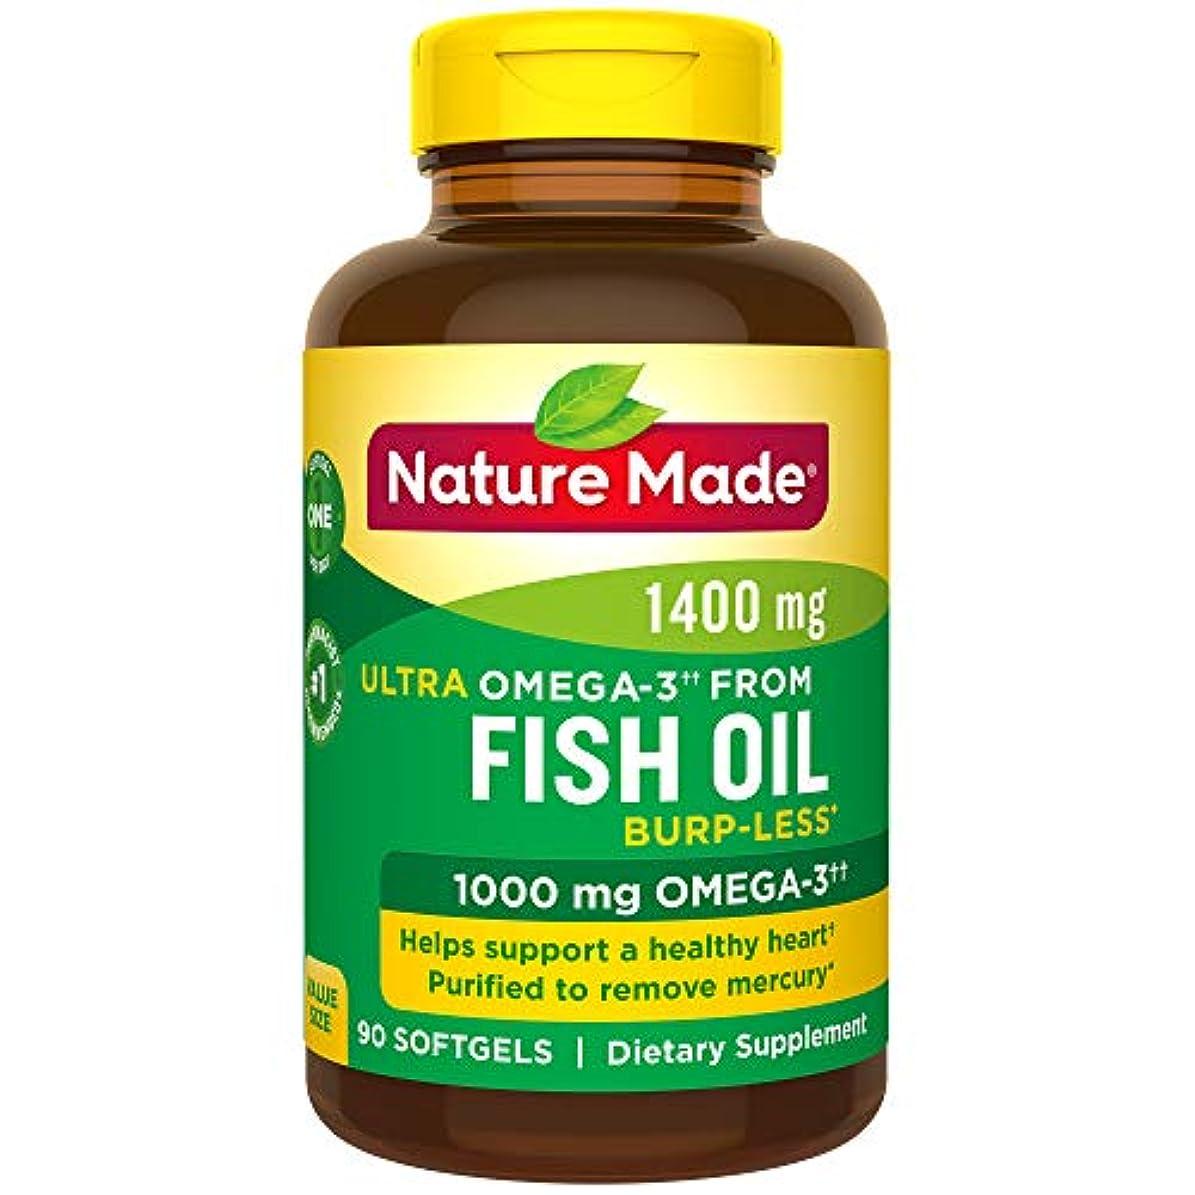 禁じる重力歴史Nature Made Ultra Omega-3 Fish Oil Value Size Softgel, 1400 mg, 90 Count 海外直送品